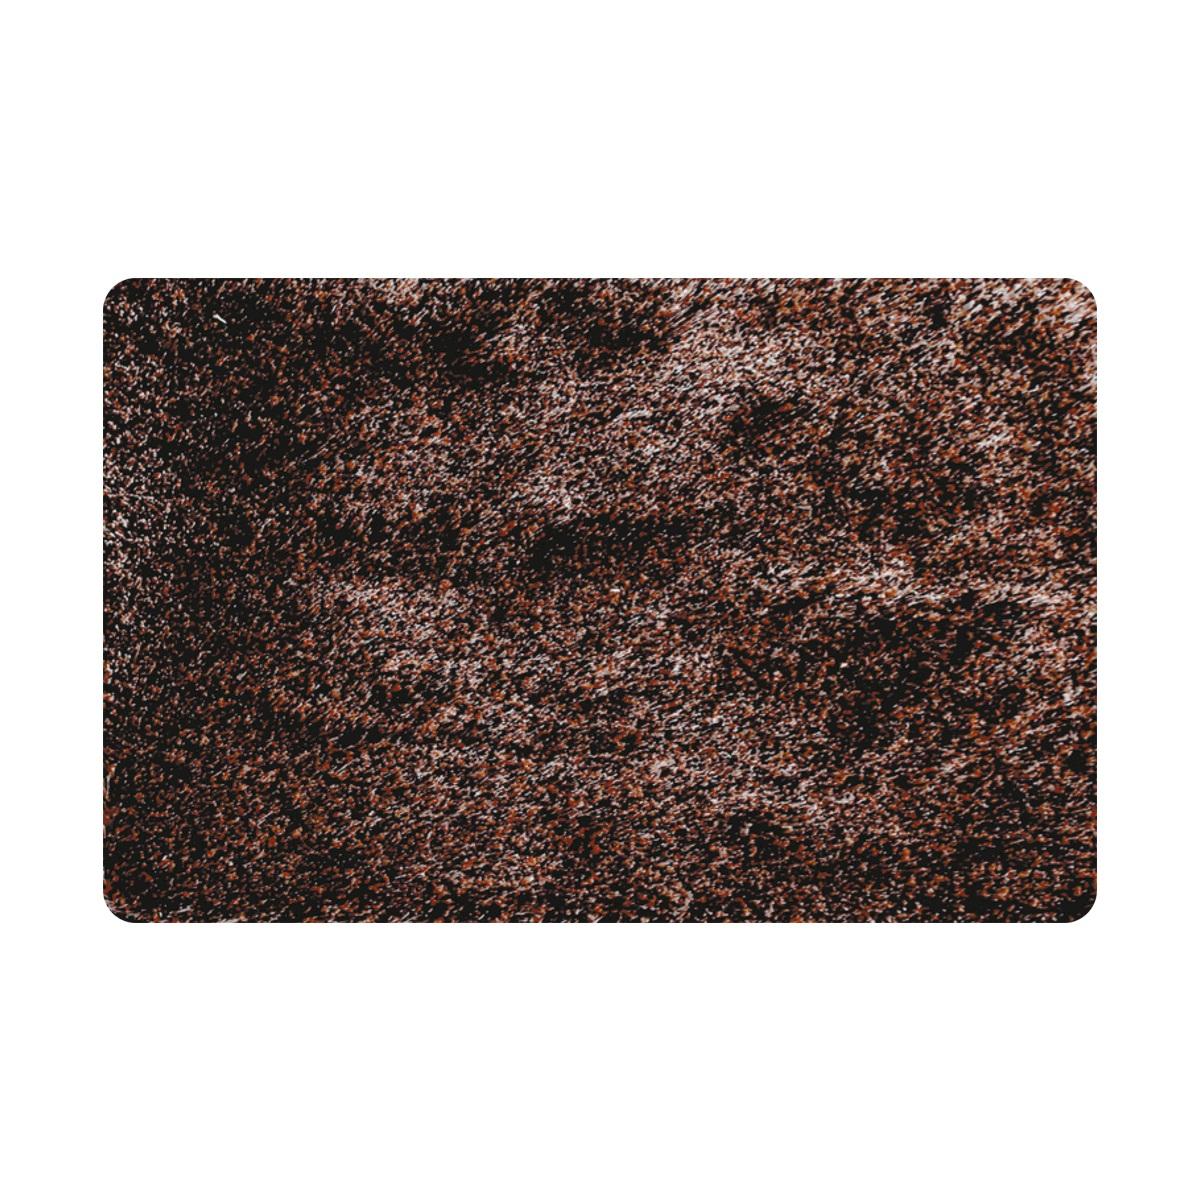 Коврик для ванной Iddis Brown grass, цвет: коричневый, 70 х 120 см коврик для ванной iddis curved lines 50x80 см 402a580i12